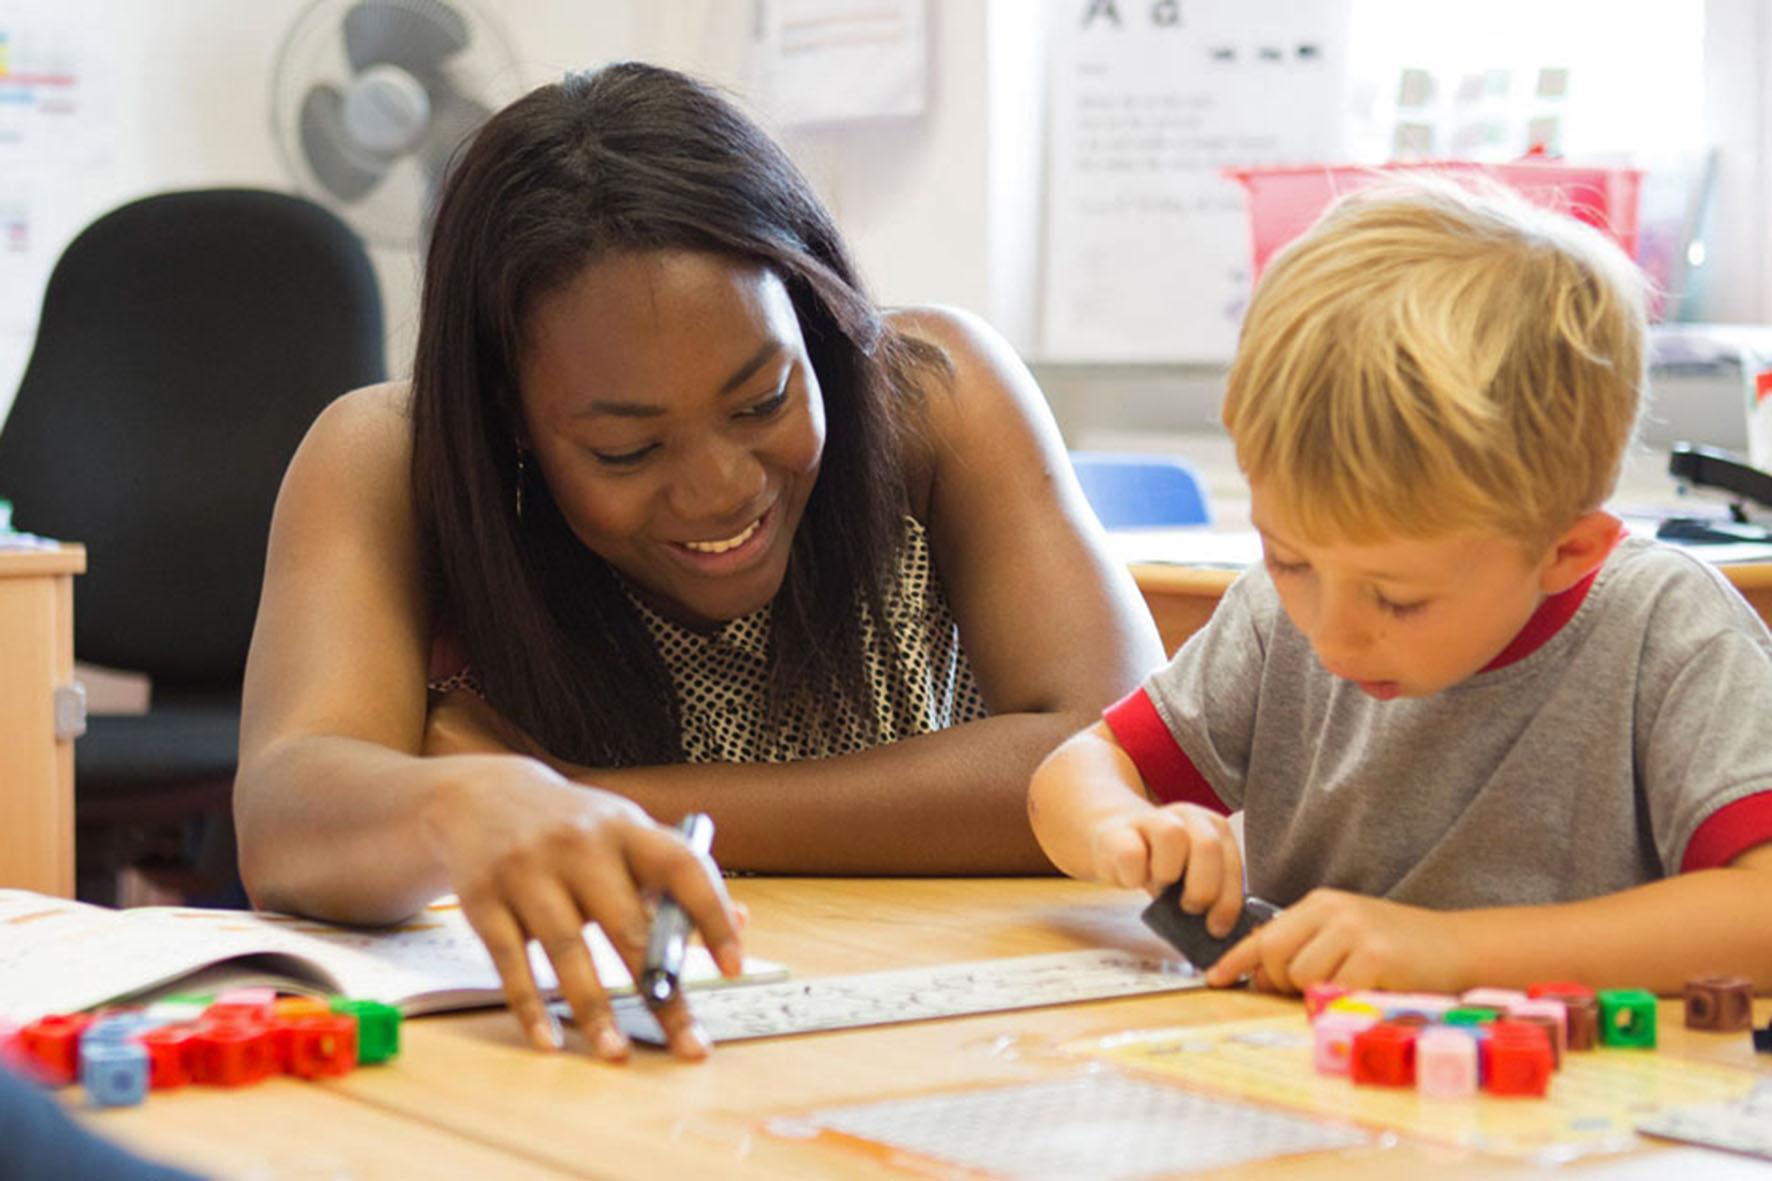 au Pair mit Kind - Sprachen lernen